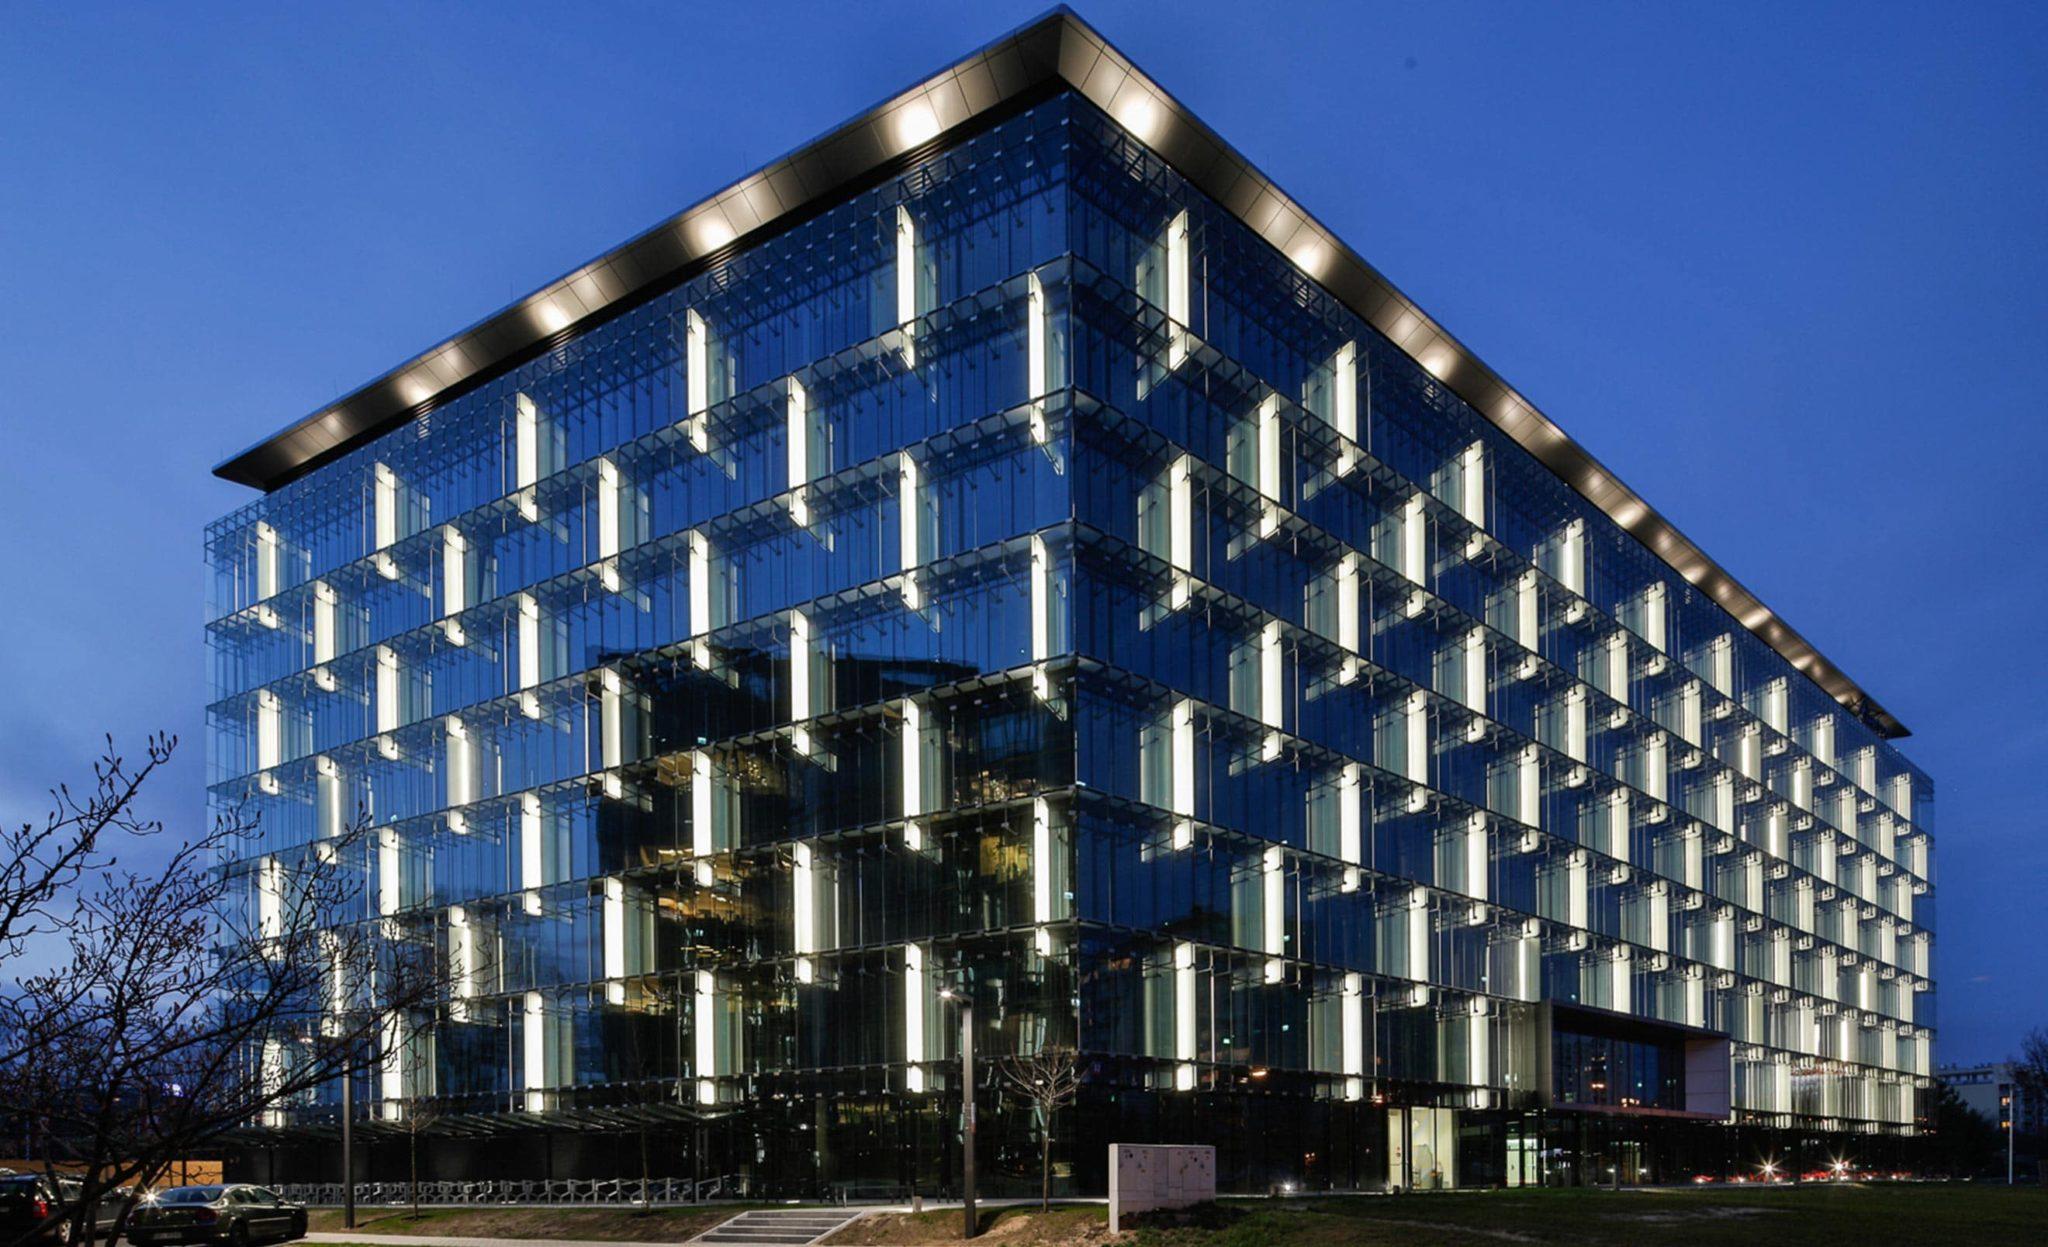 تأثیر نورپردازی نمای ساختمان بر مصرف انرژیostovarsazan.com